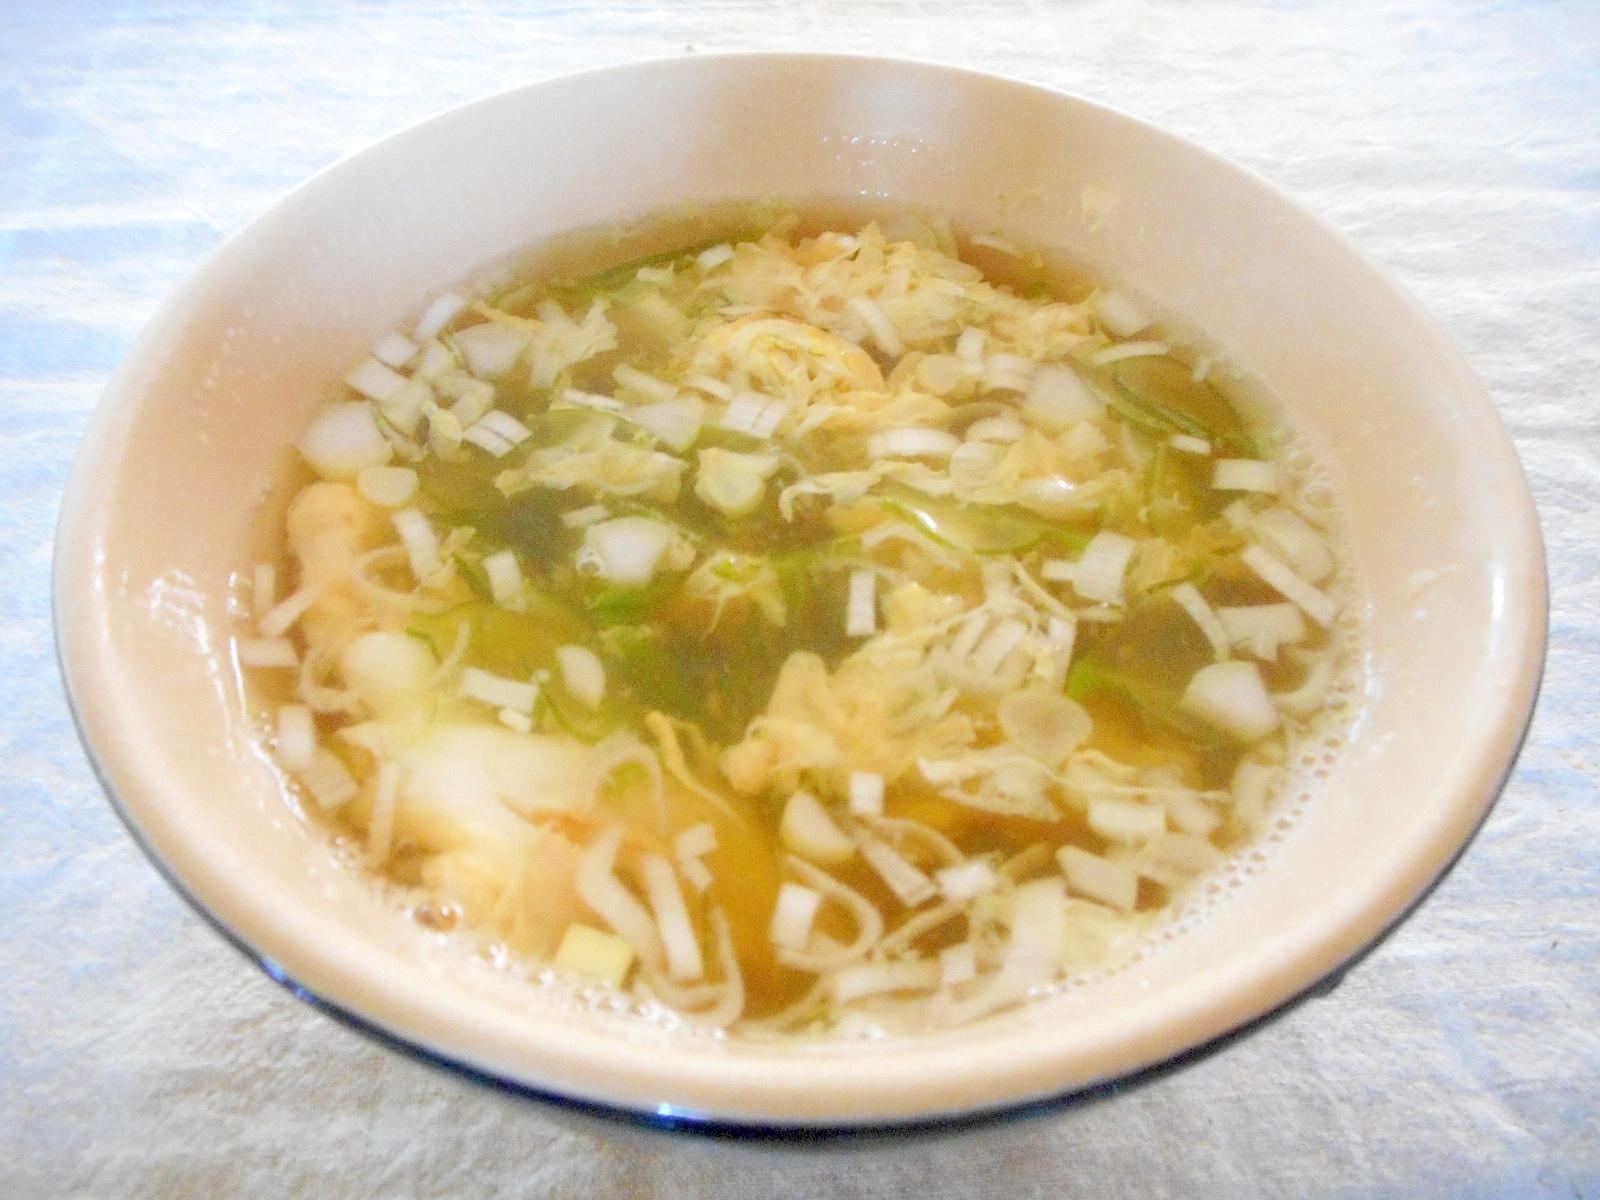 4.ふわふわ卵入りめかぶスープ